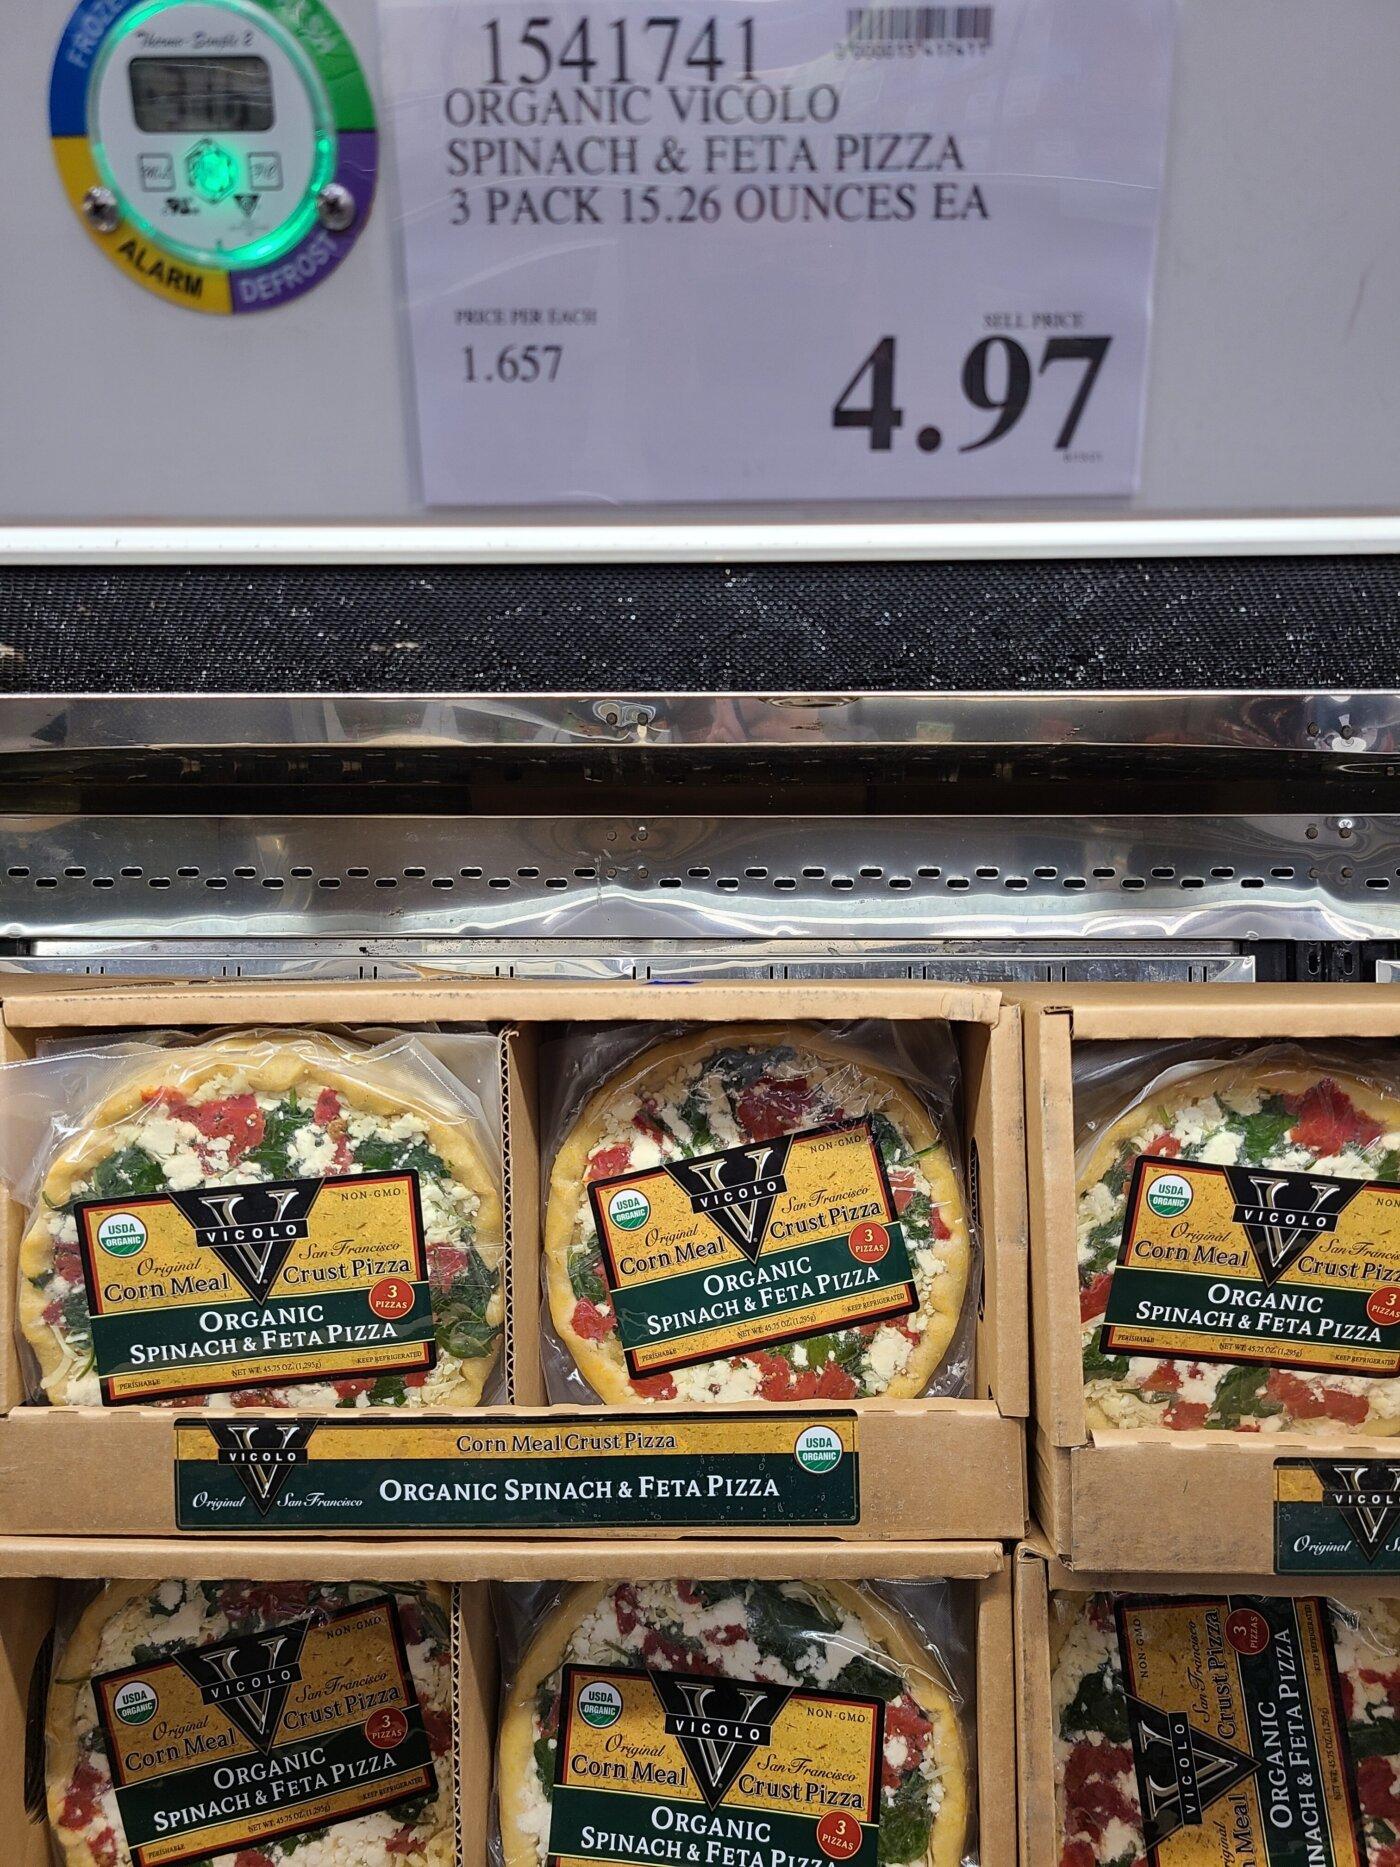 VicoloOrganicSpinachFetaPizza-1541741